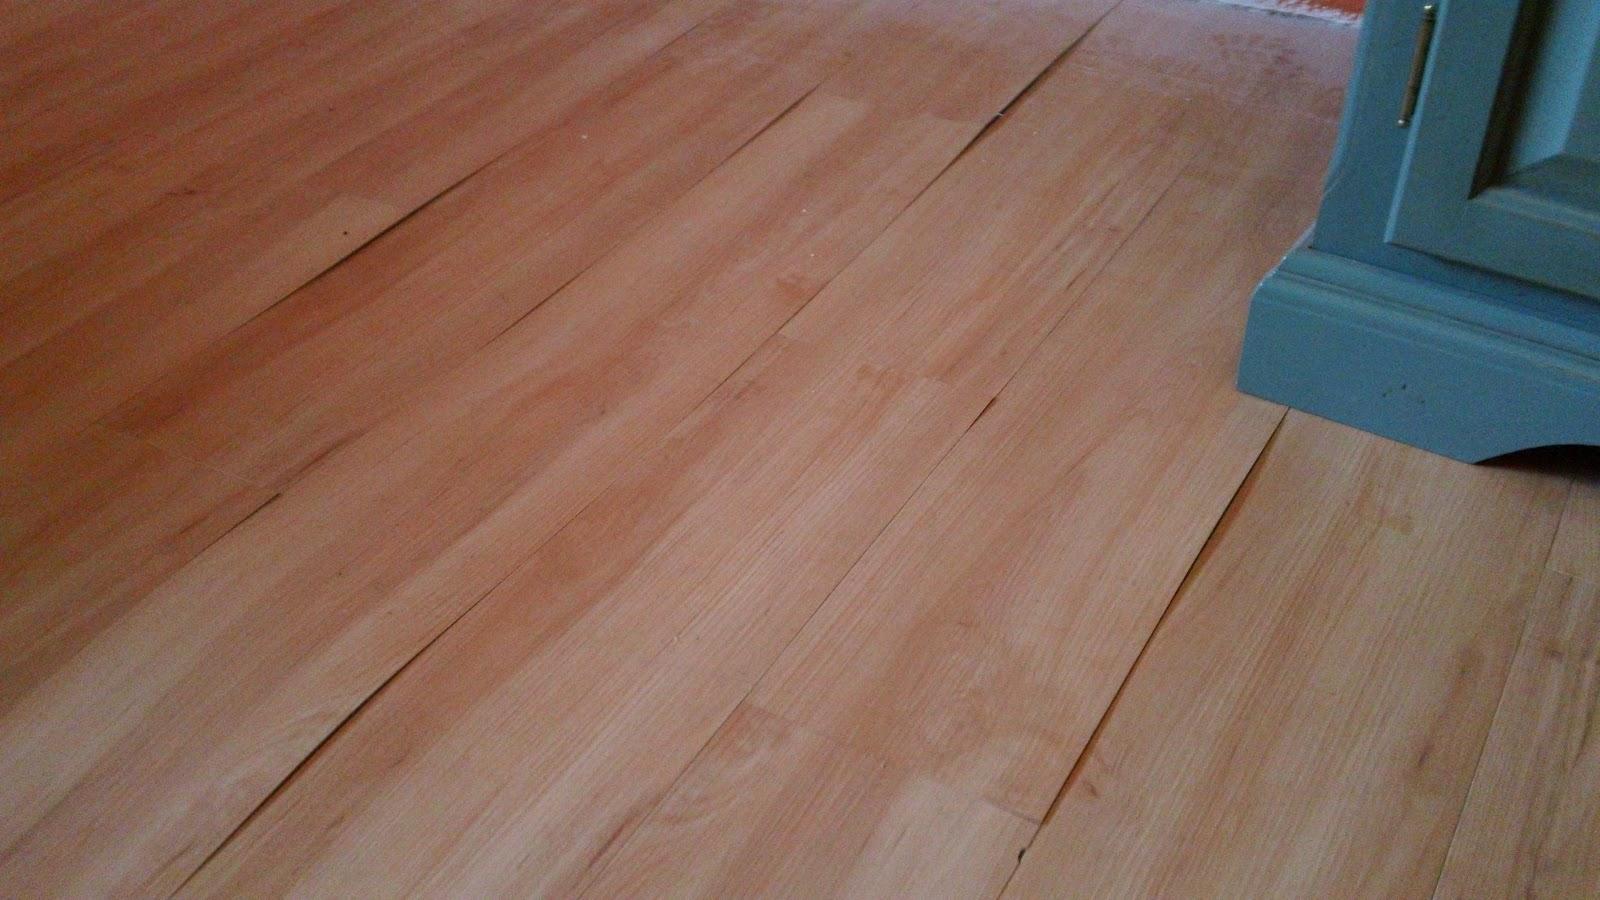 Water Under Wood Laminate Flooring Wood Floors